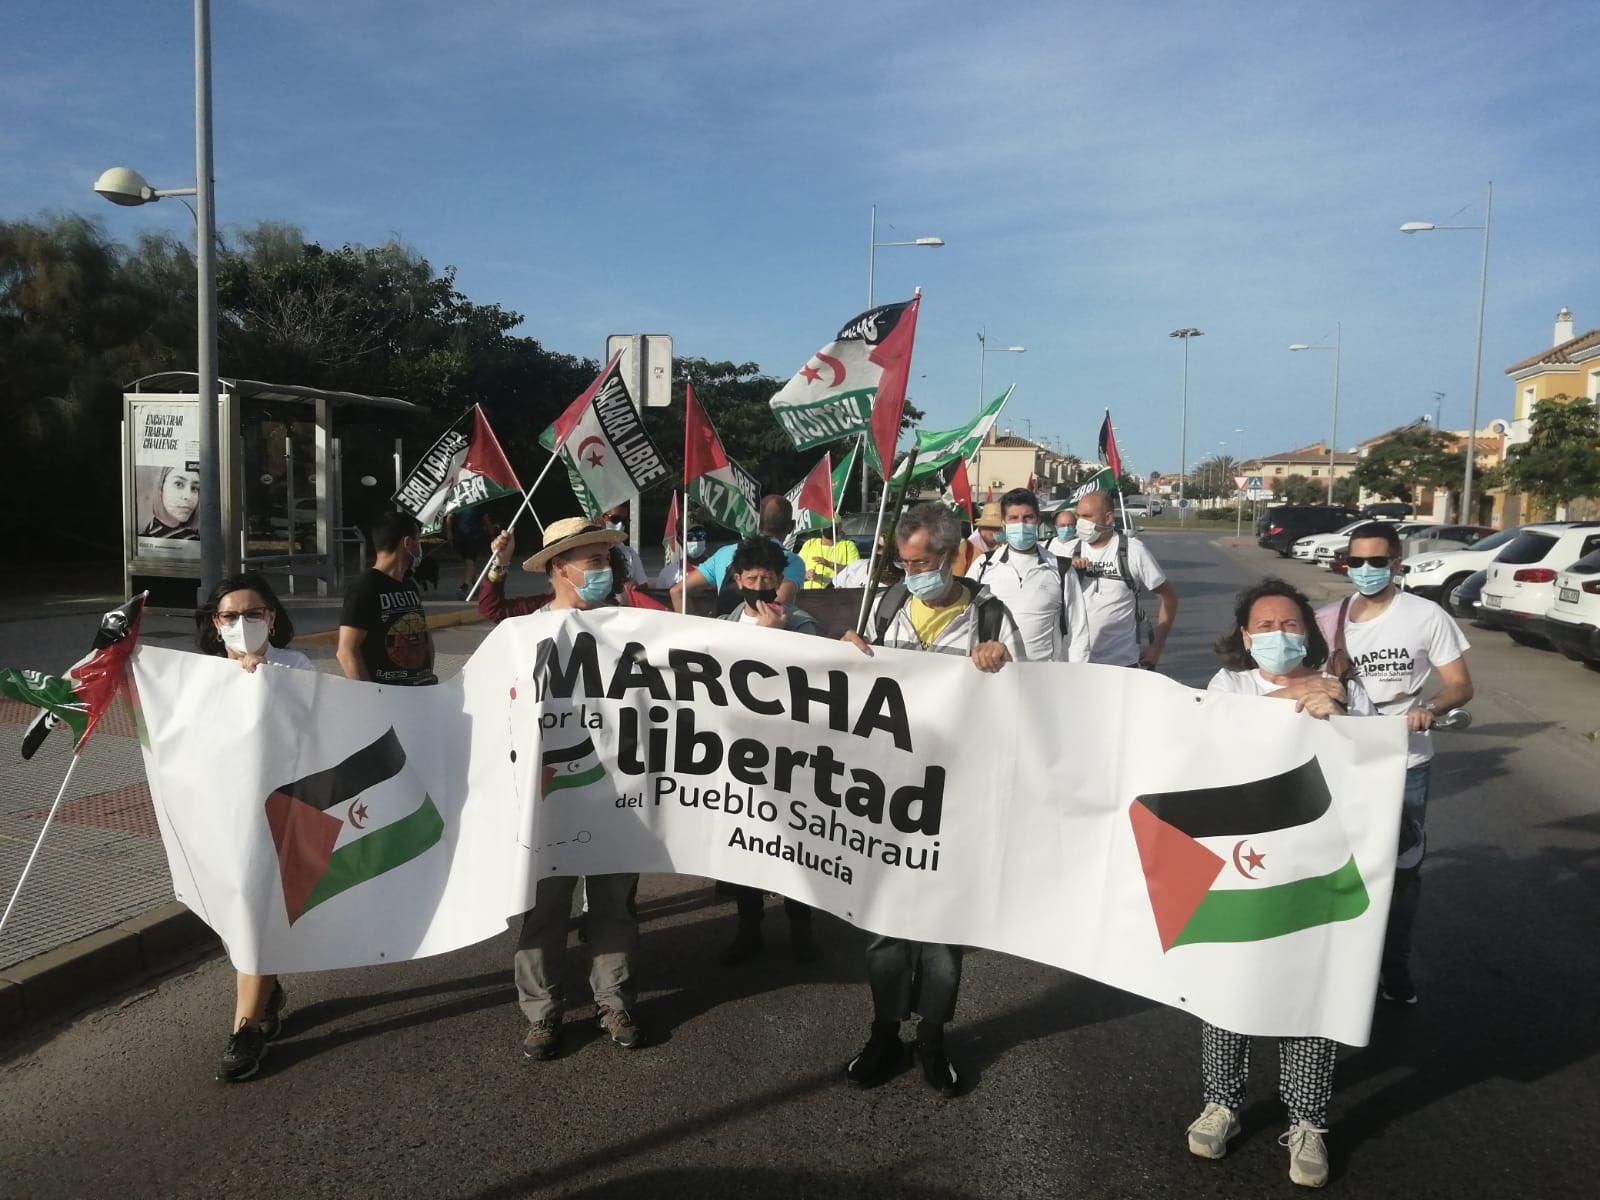 Marcha por la Libertad llegando a Rota